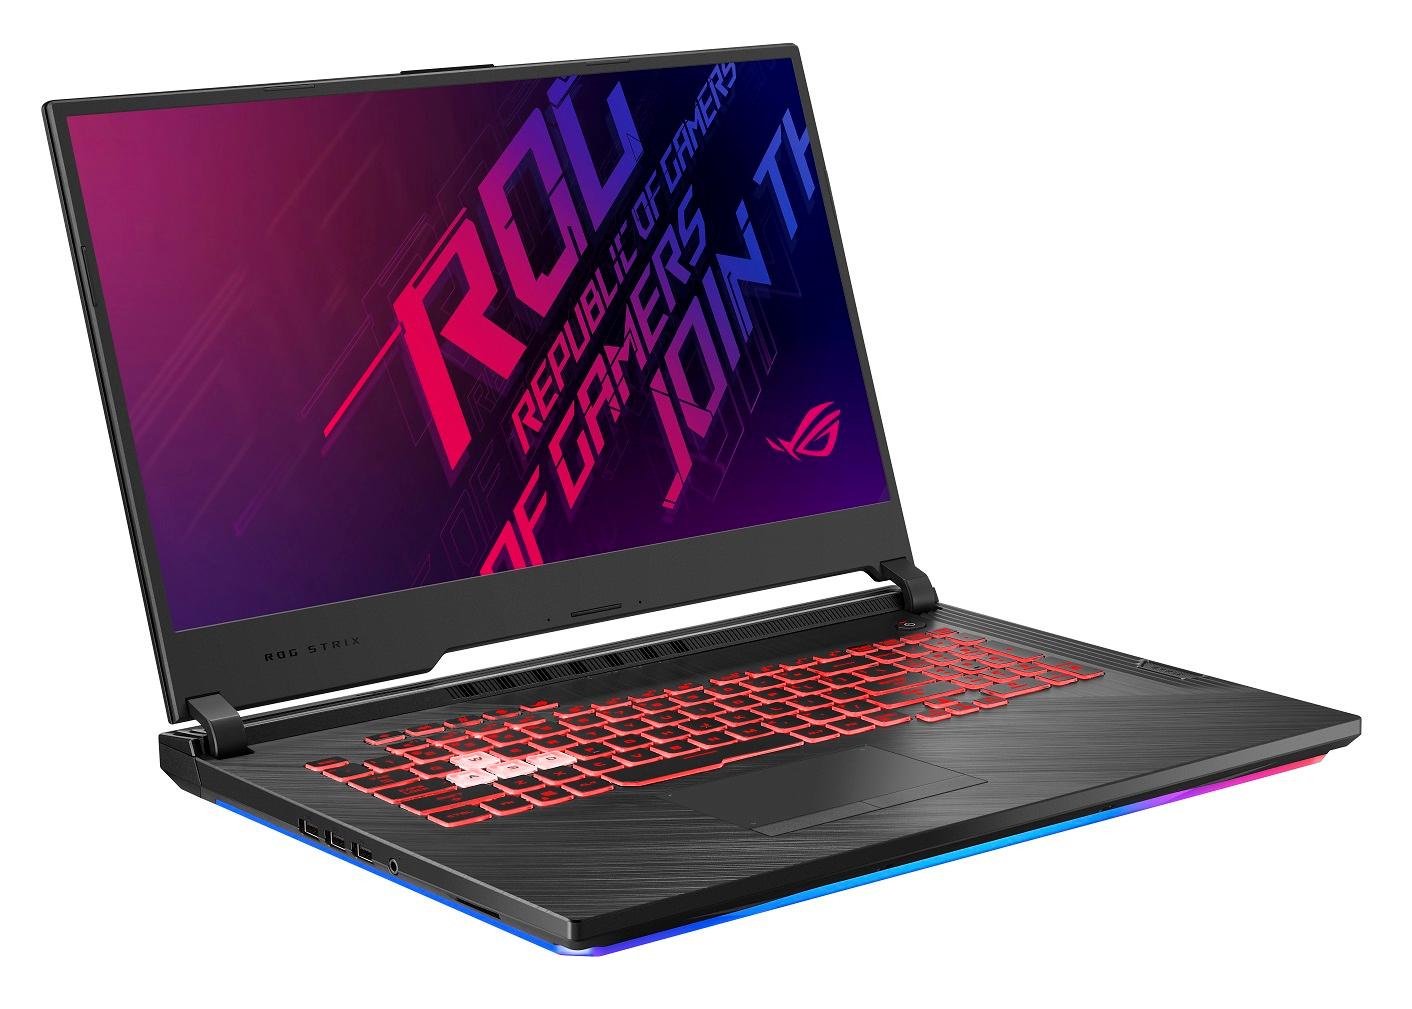 Недорогие игровые ноутбуки 2020 - ТОП-10 лучших по цене и качеству | 1009x1412